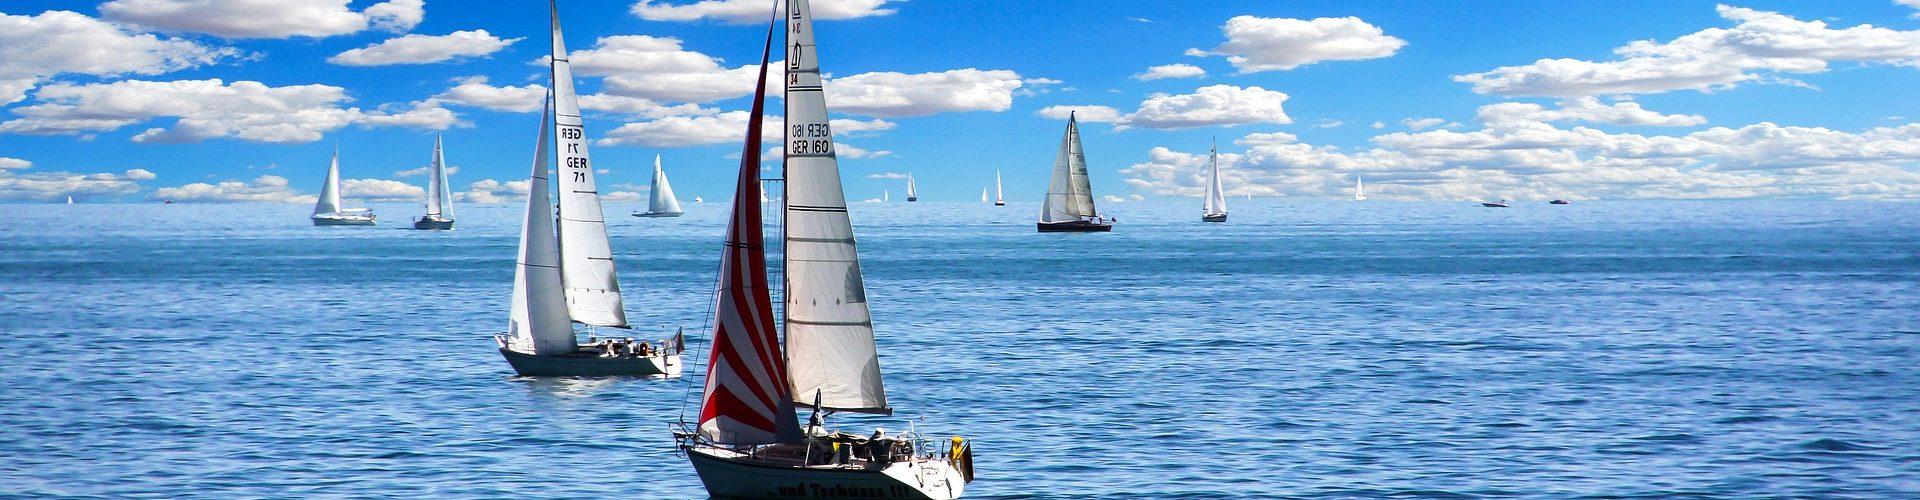 segeln lernen in Mahlow segelschein machen in Mahlow 1920x500 - Segeln lernen in Mahlow